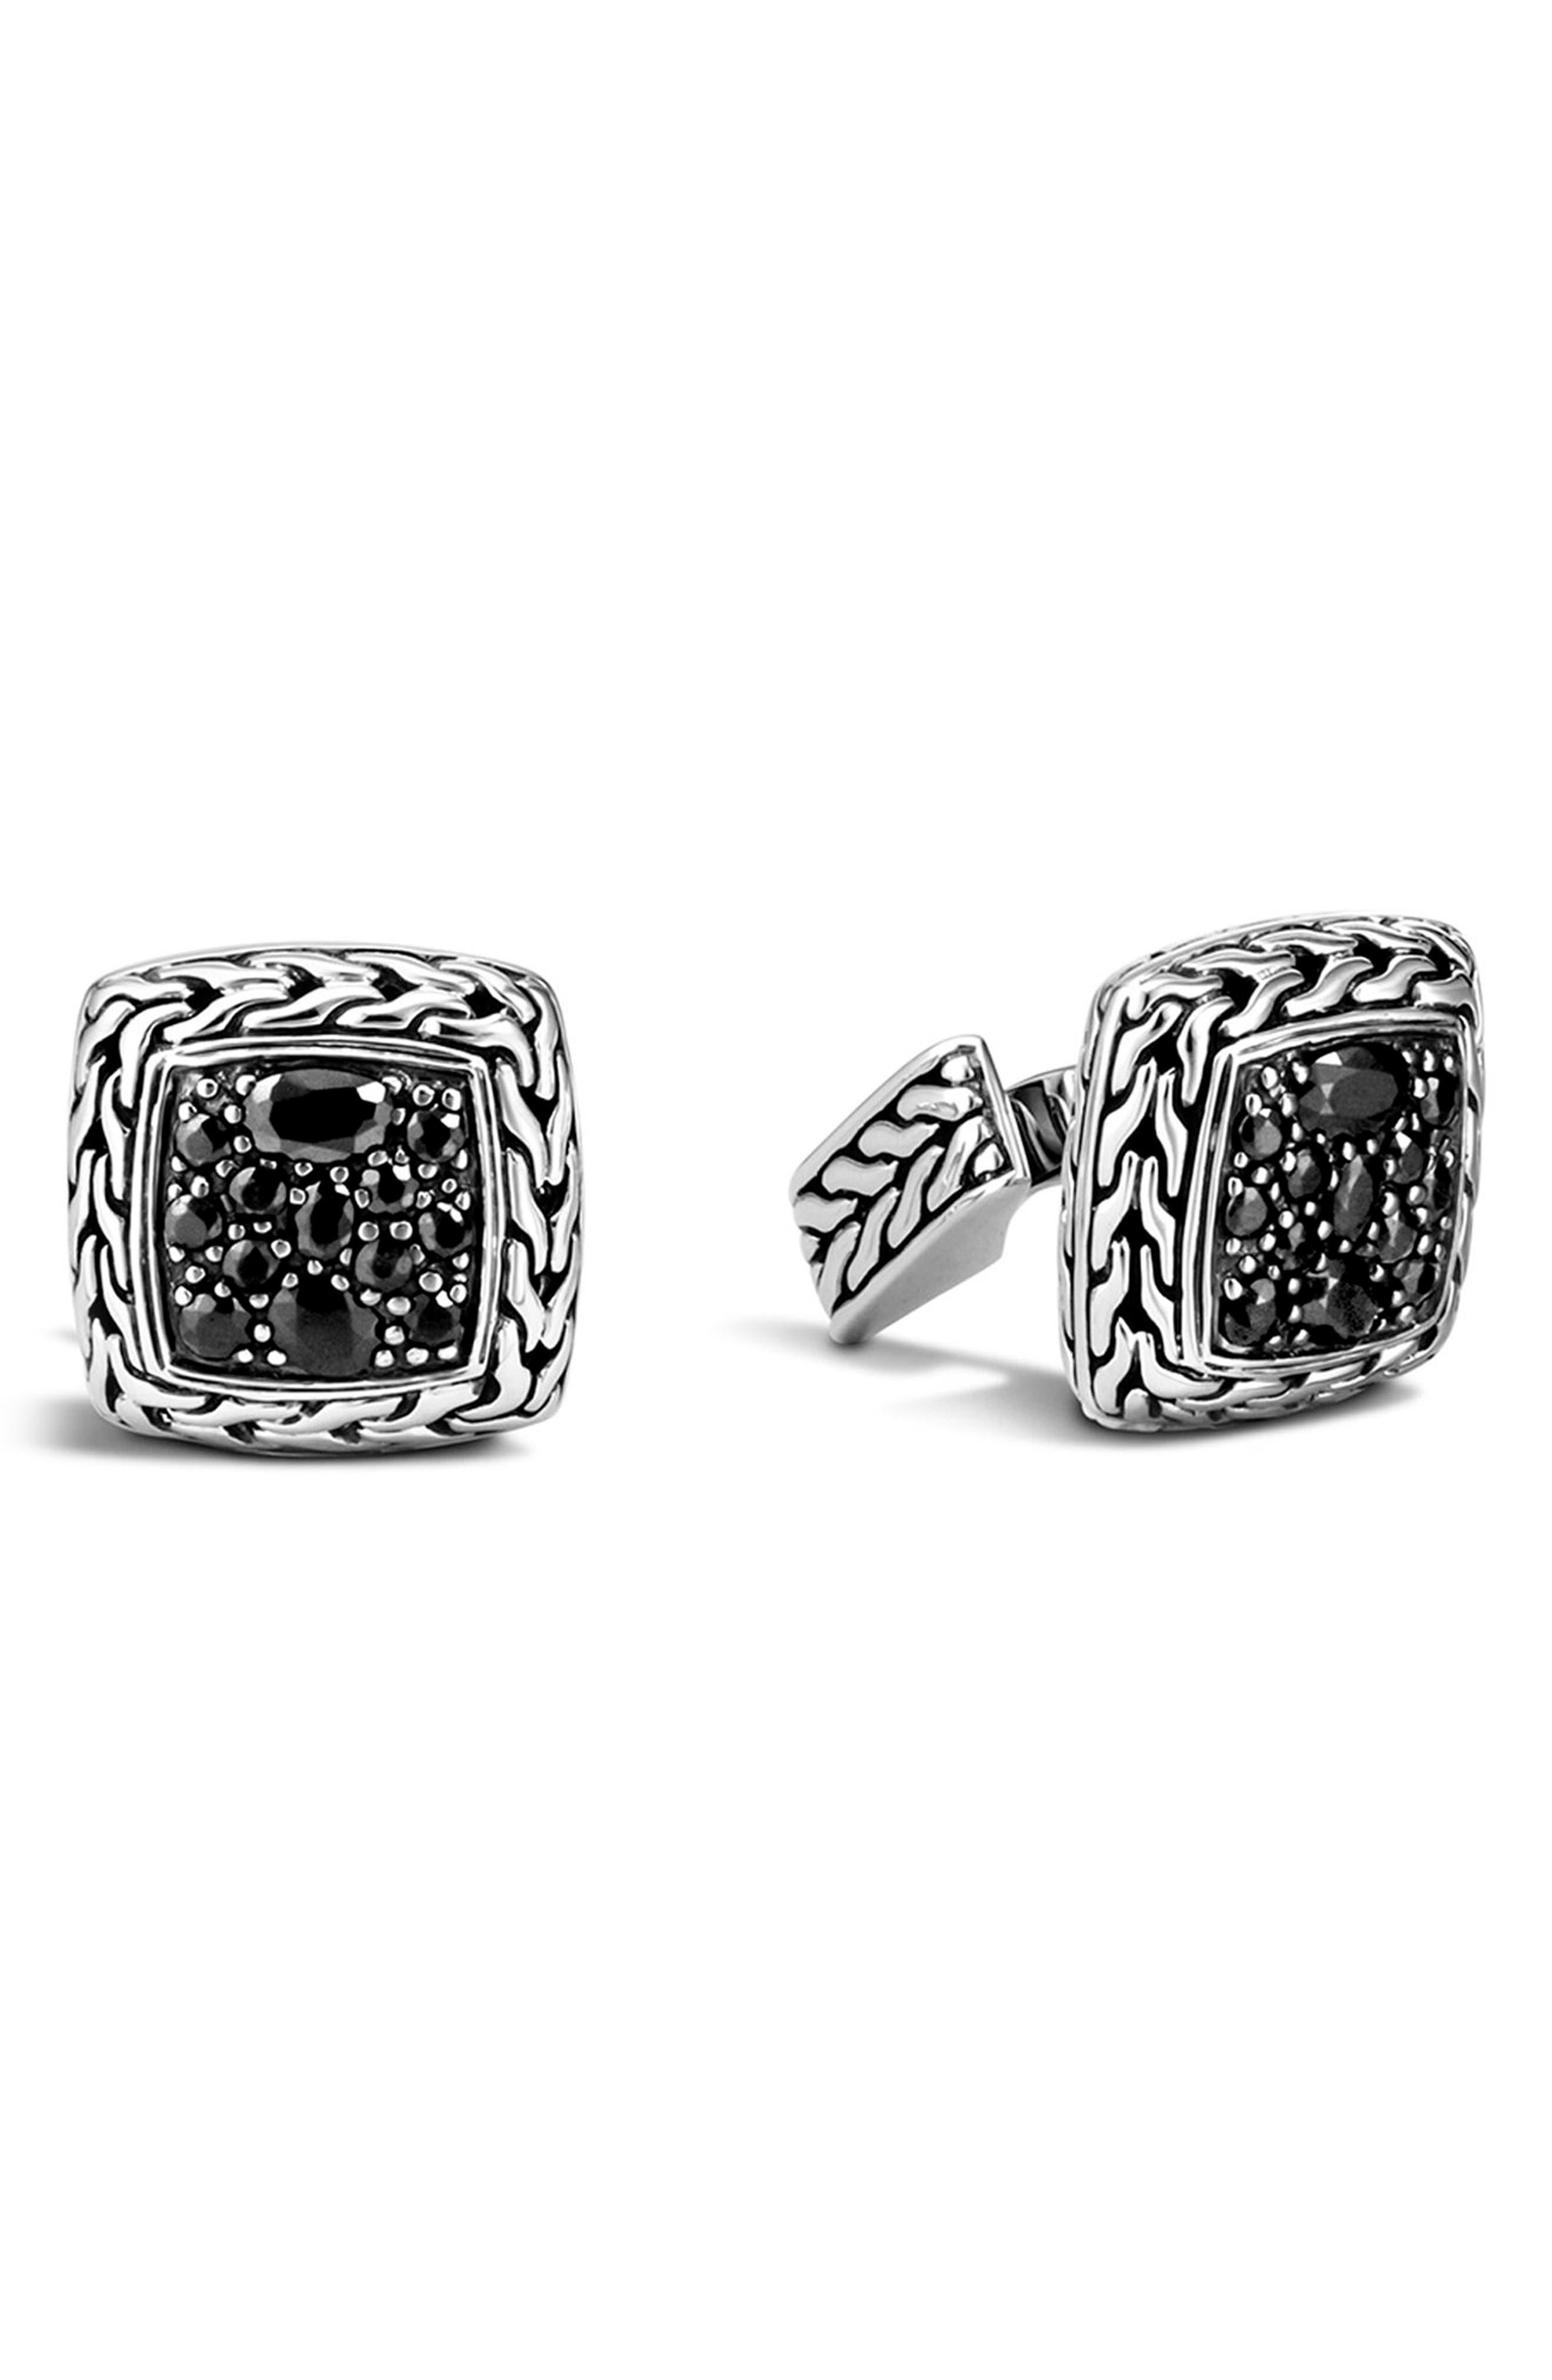 Lava Square Cuff Links,                         Main,                         color, Silver/ Black Sapphire